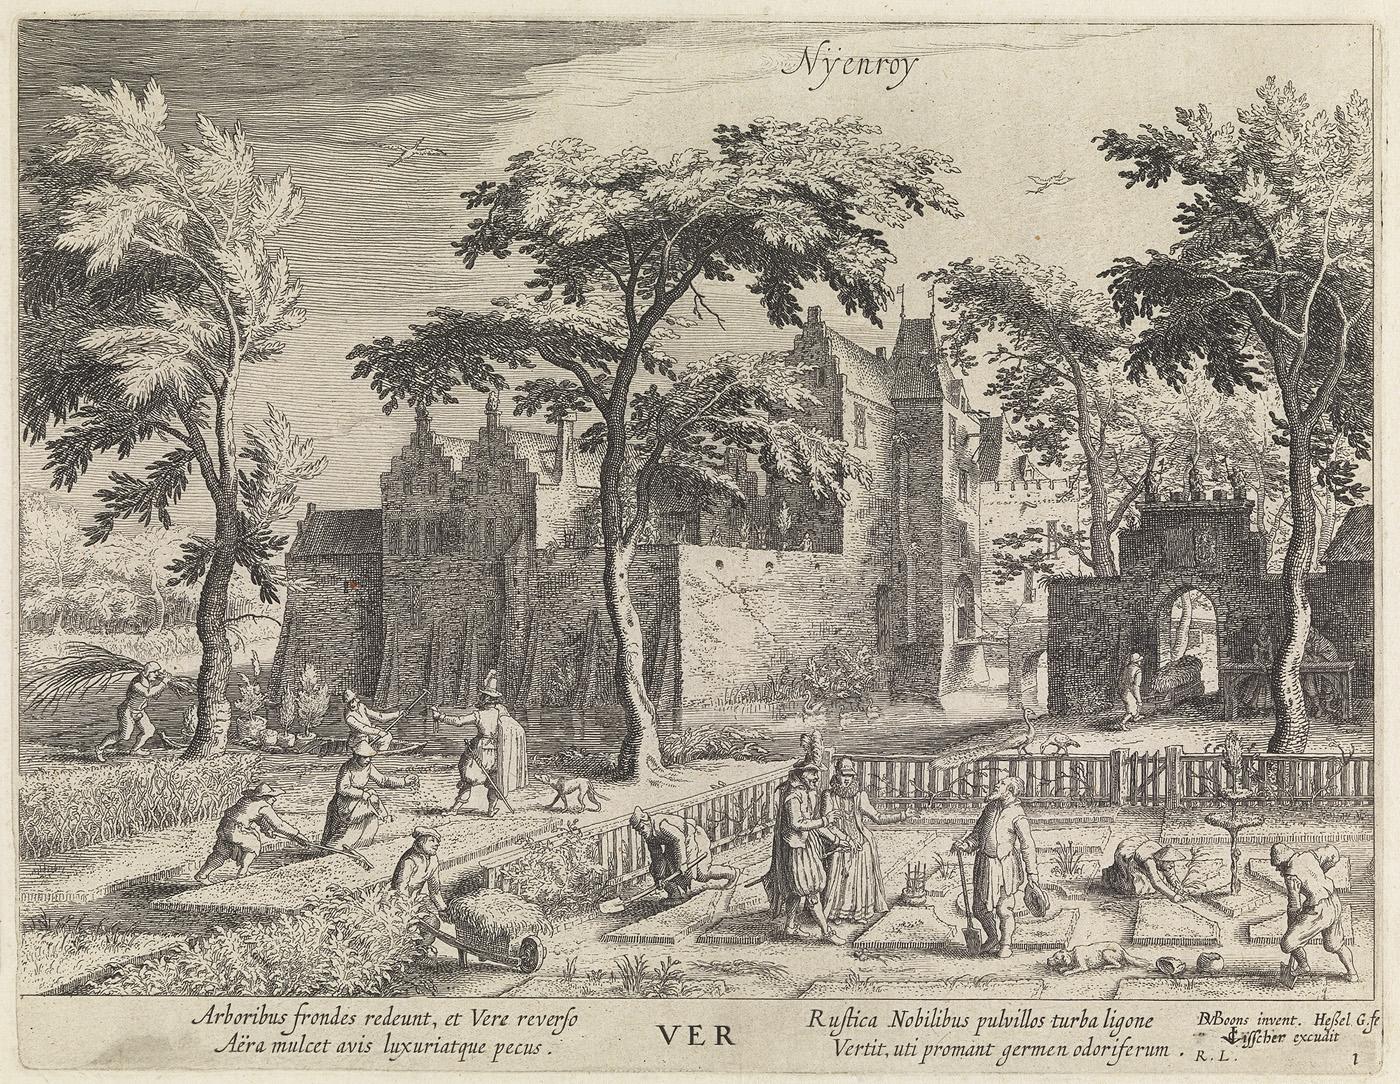 Nyenroy, Ver (Lente, uit de serie: de jaargetijden. gezichten op kastelen)